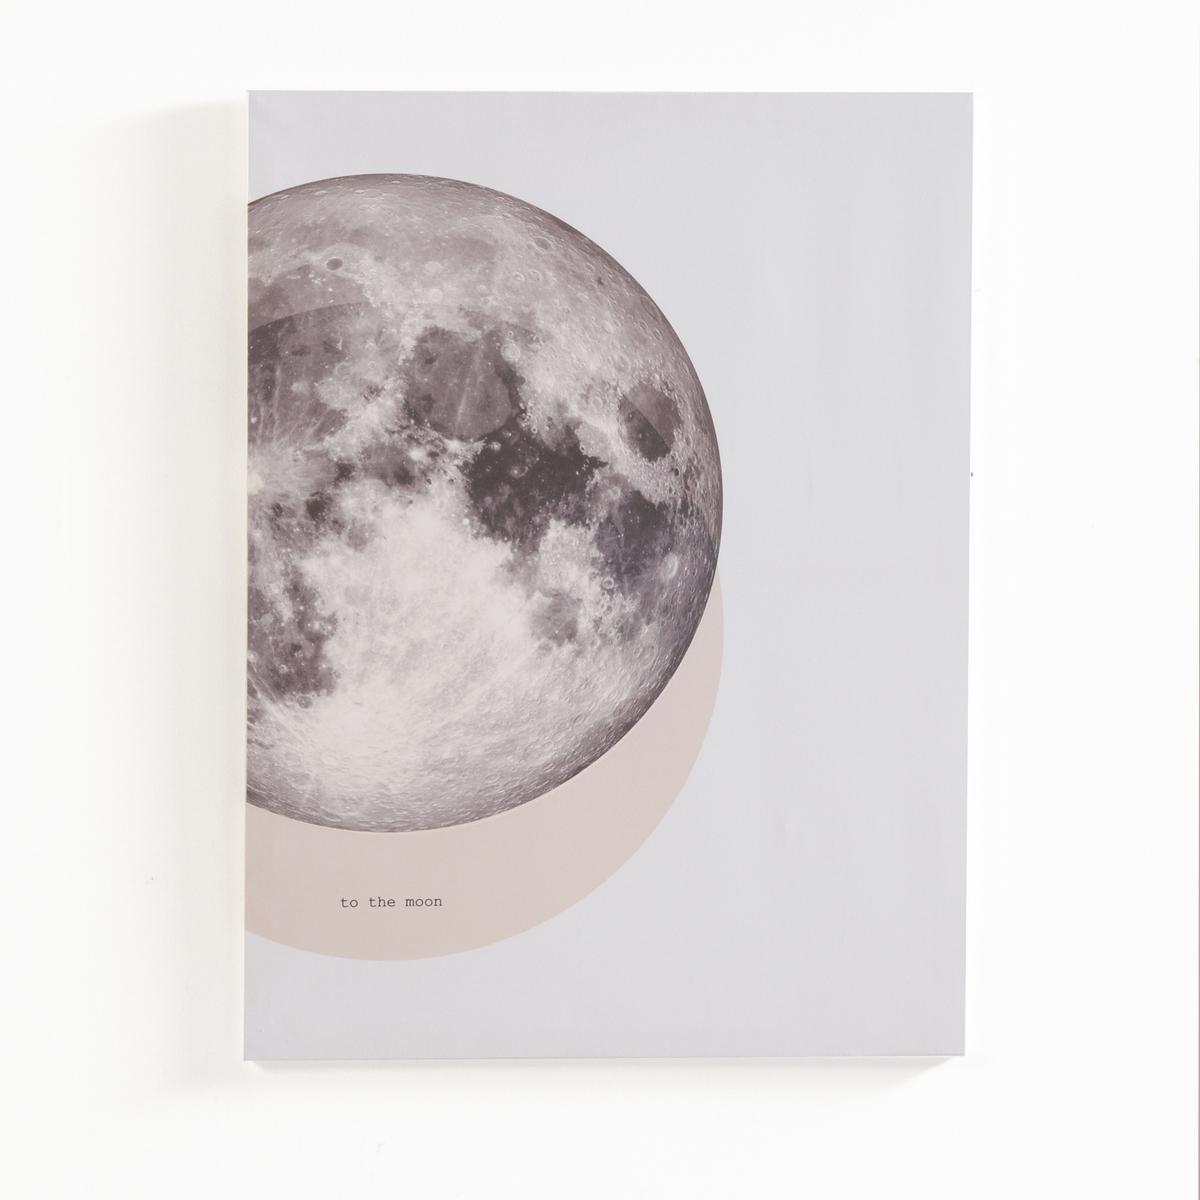 Картина с рисунком луны to the moon verne j from the earth to the moon and round the moon с земли на луну прямым путем за 97 часов 20 минут на английском языке